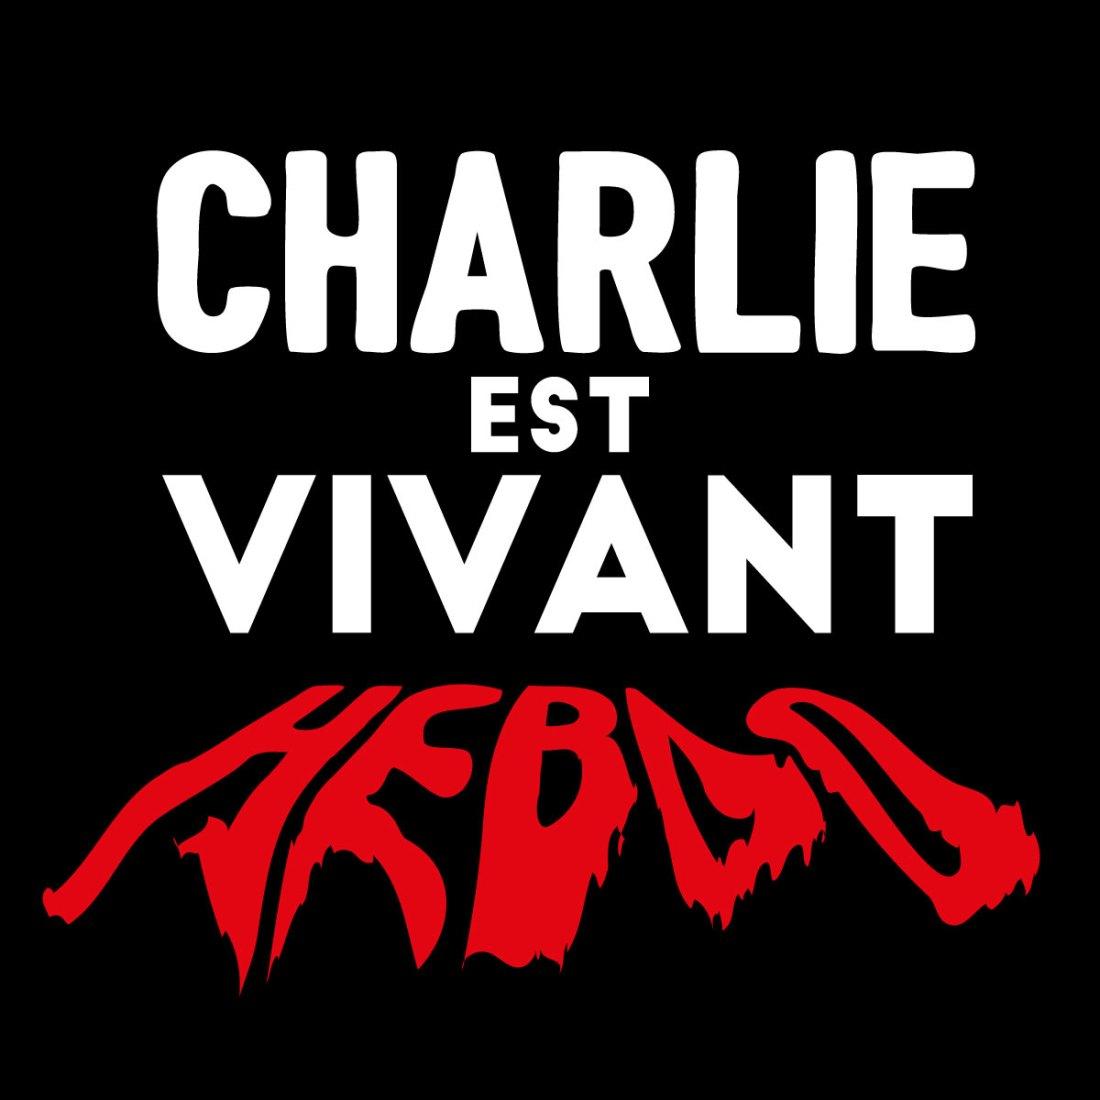 charlie-est-vivant